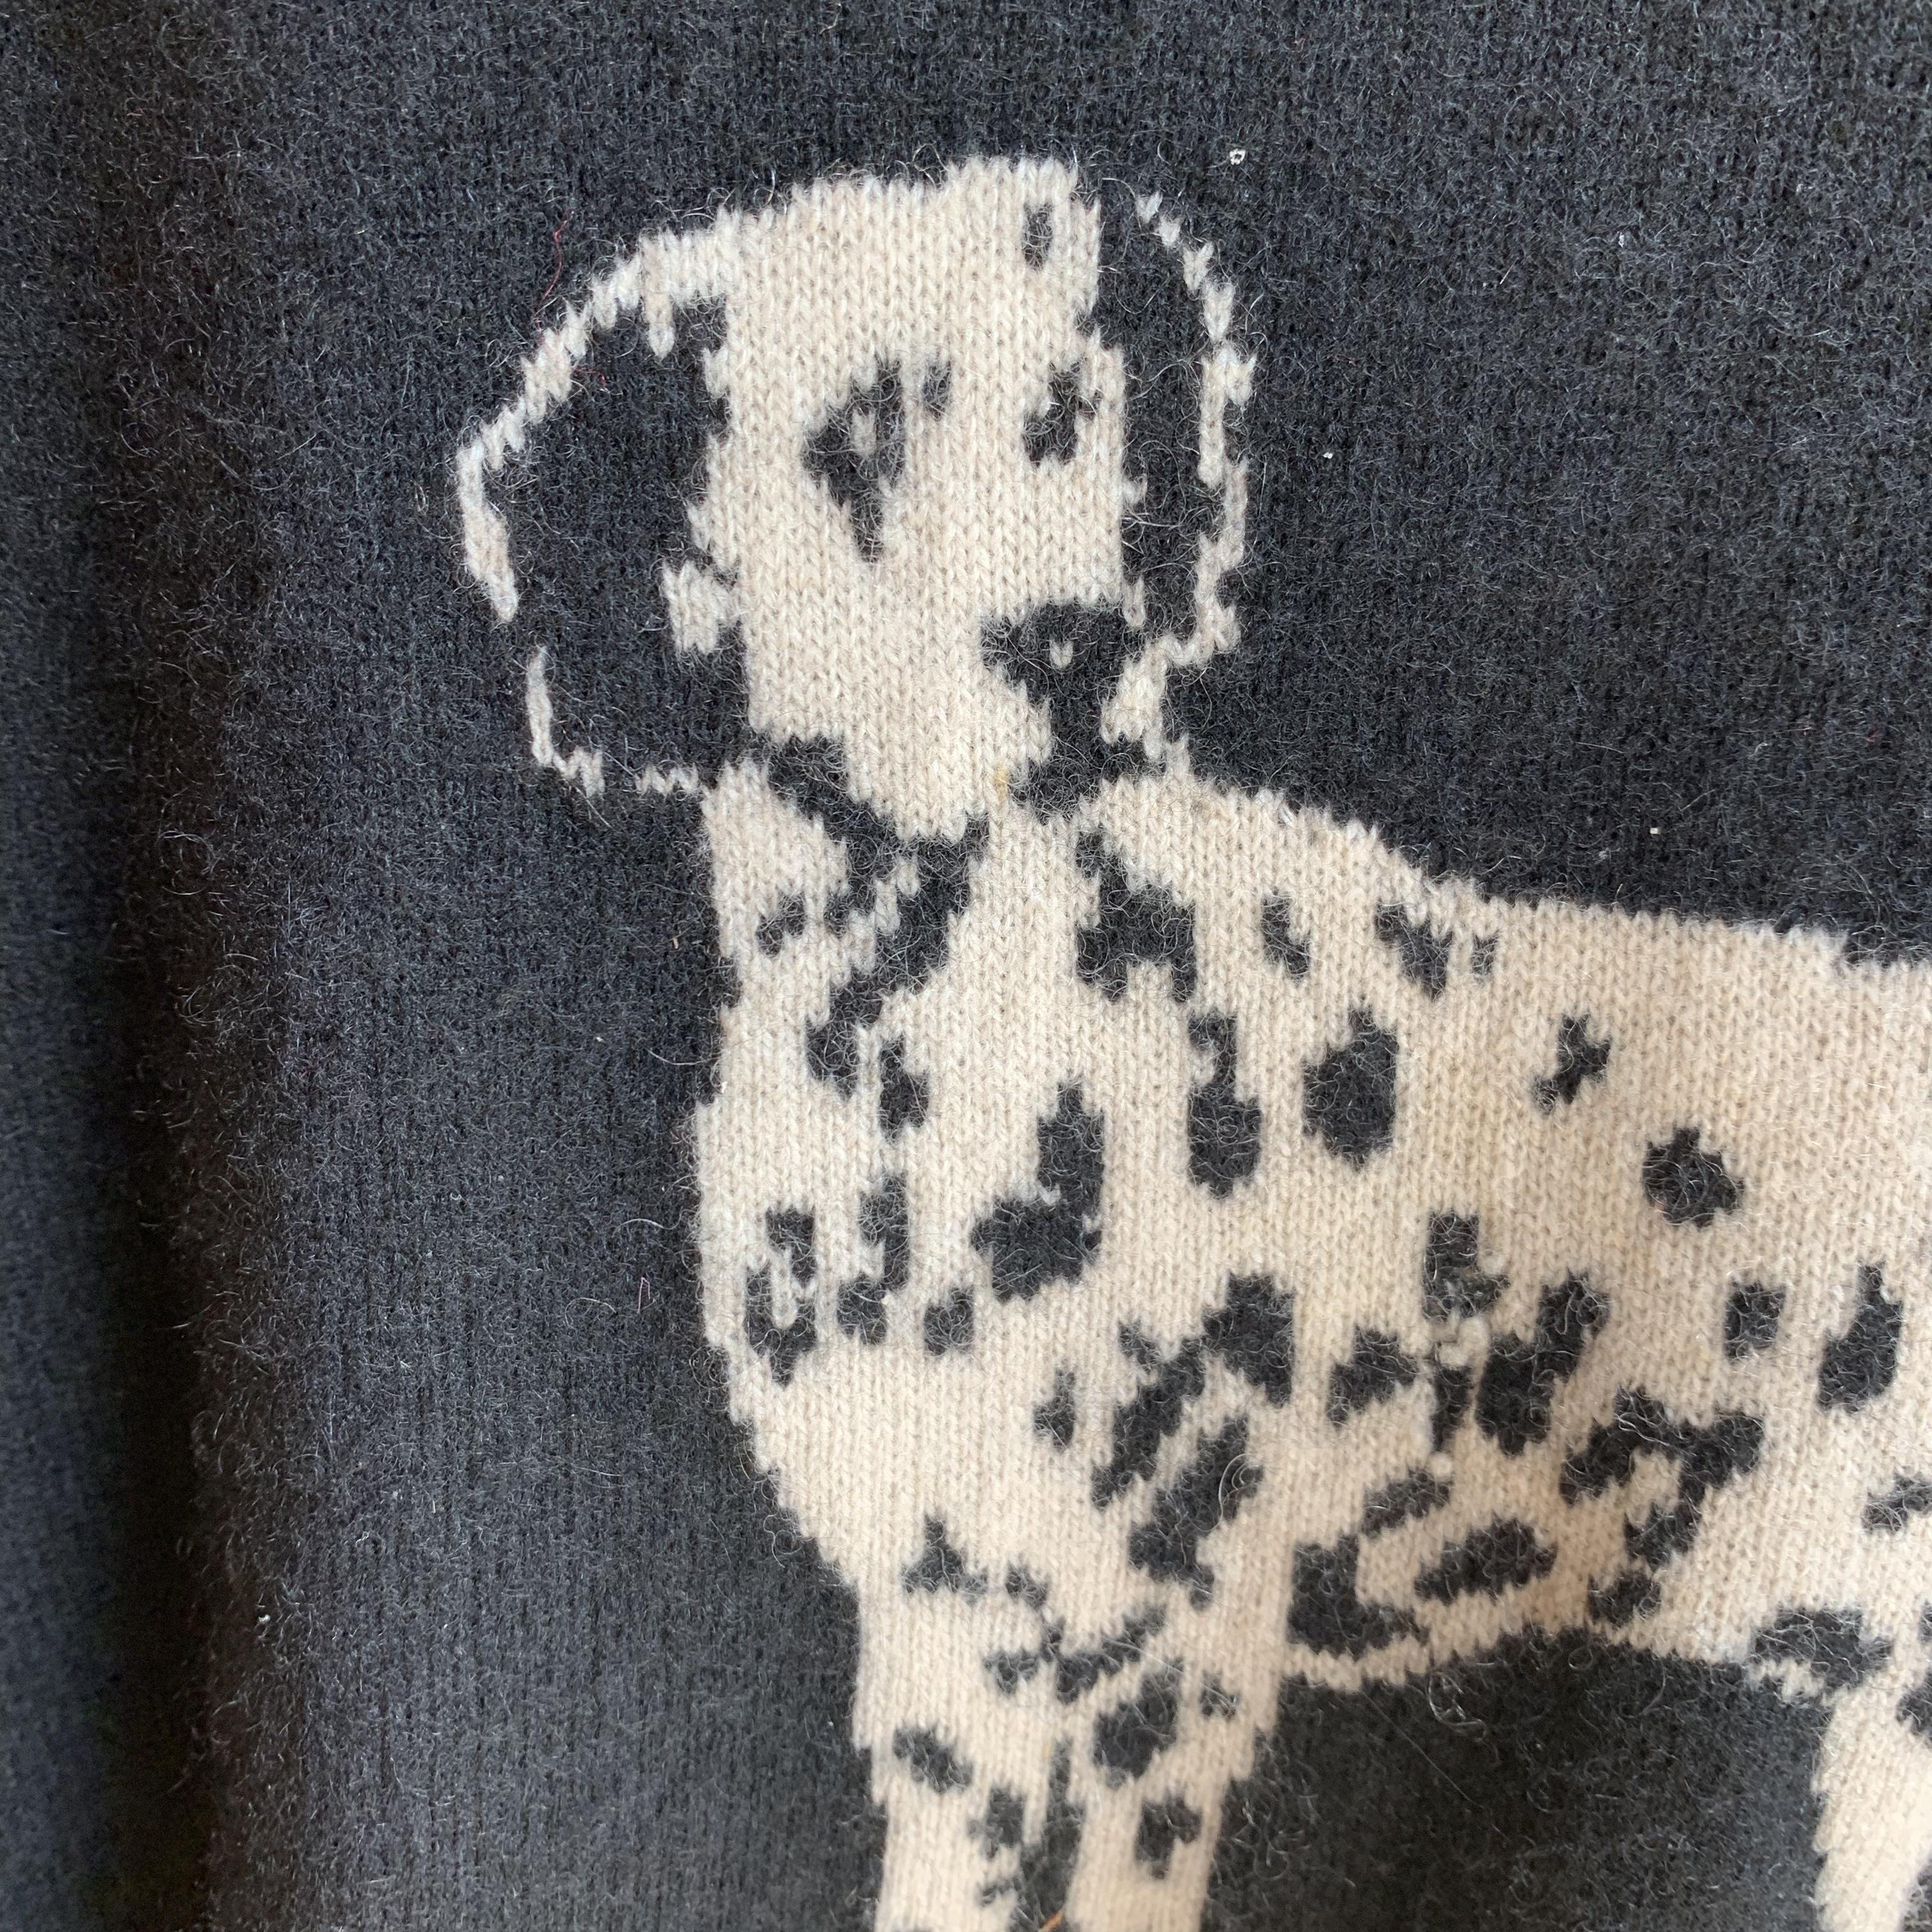 vintage Dalmatian cashmere knit sweater